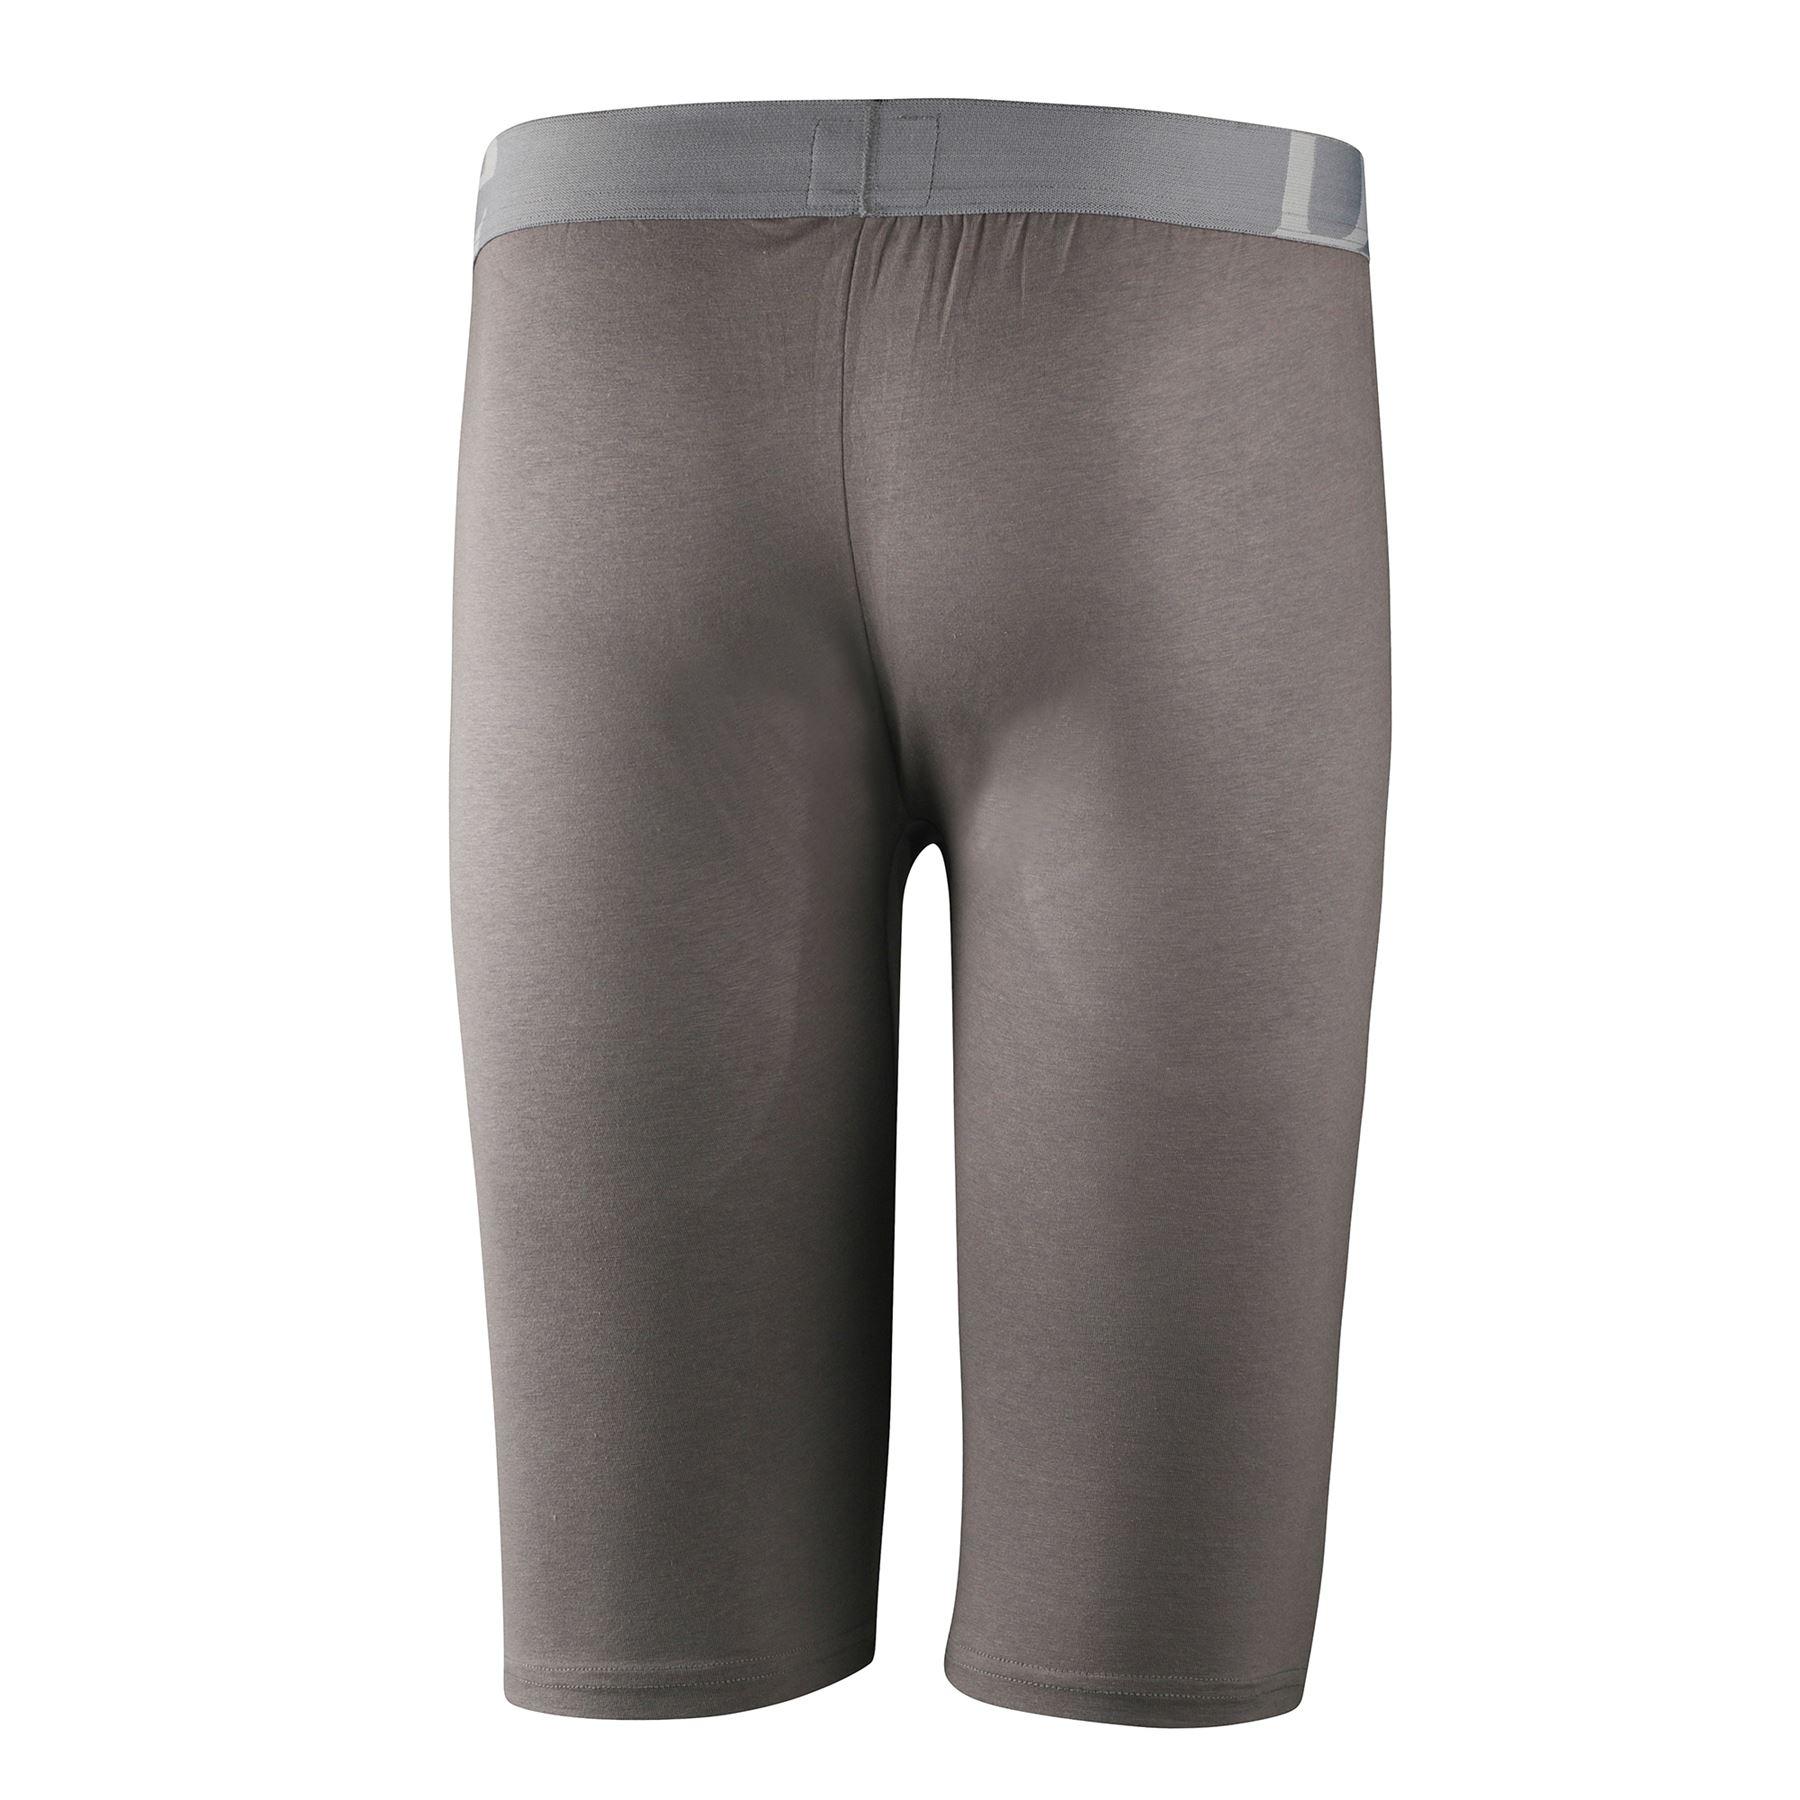 offizieller Laden geringster Preis achten Sie auf Men Boxershorts Long Men Briefs Underwear Men's Boxers Bodywear Shop Smoke  Grey S - 4 Da1785